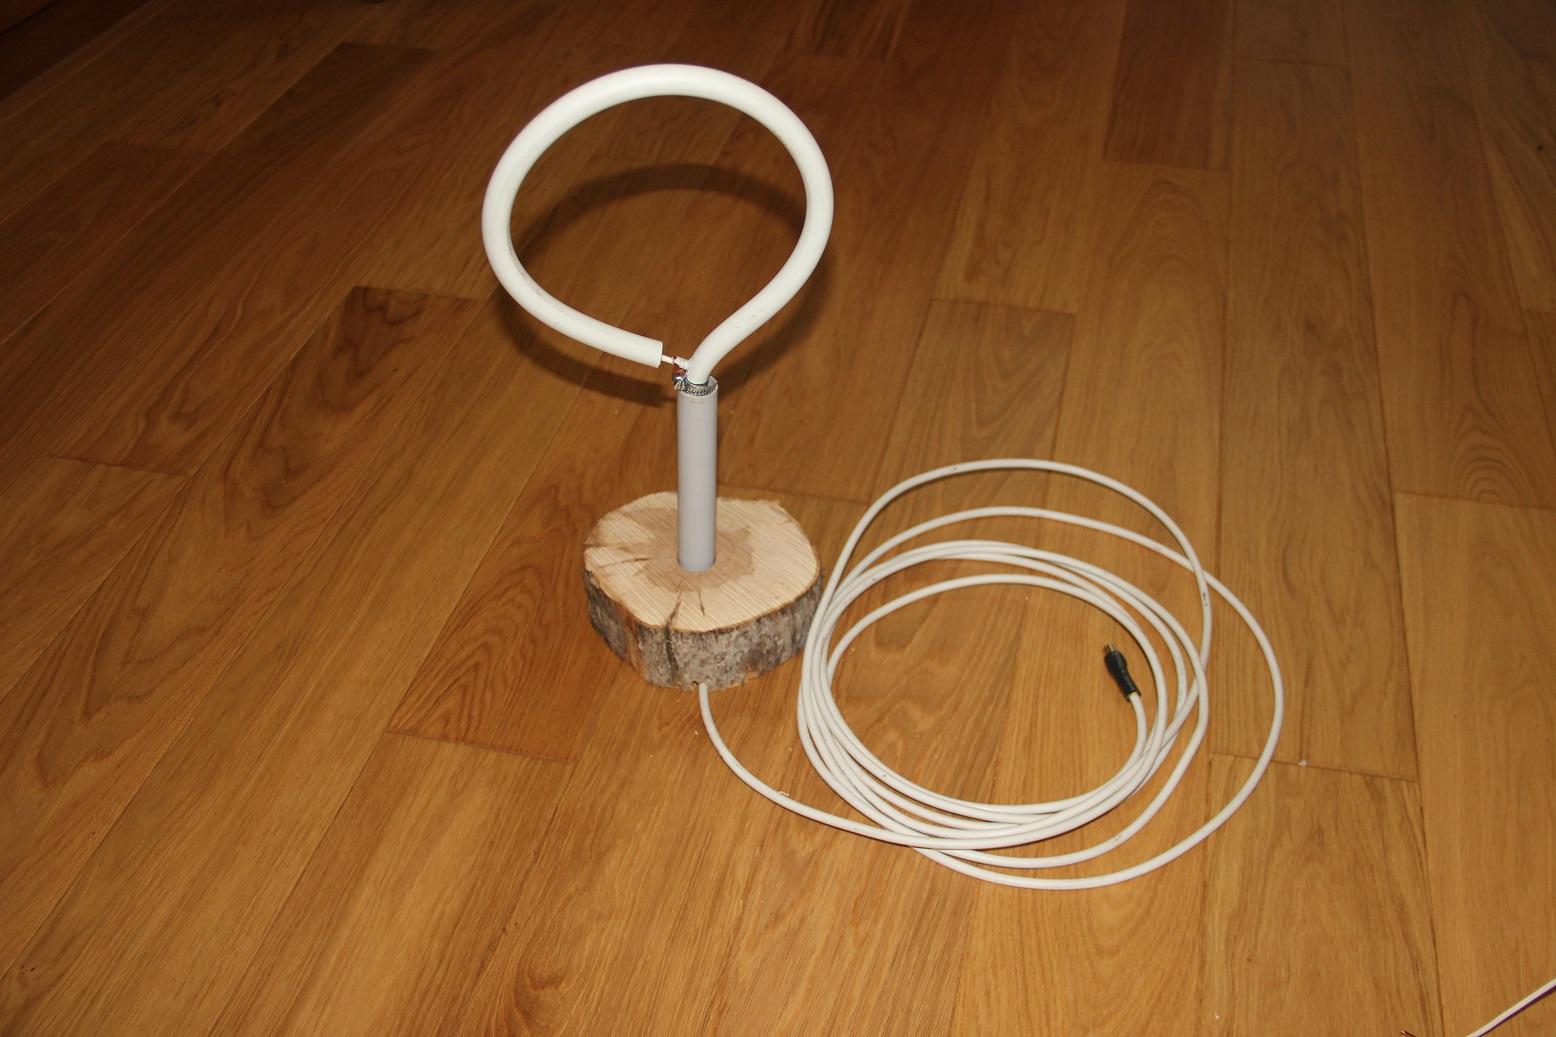 Как сделать антенну для цифрового тв из кабеля